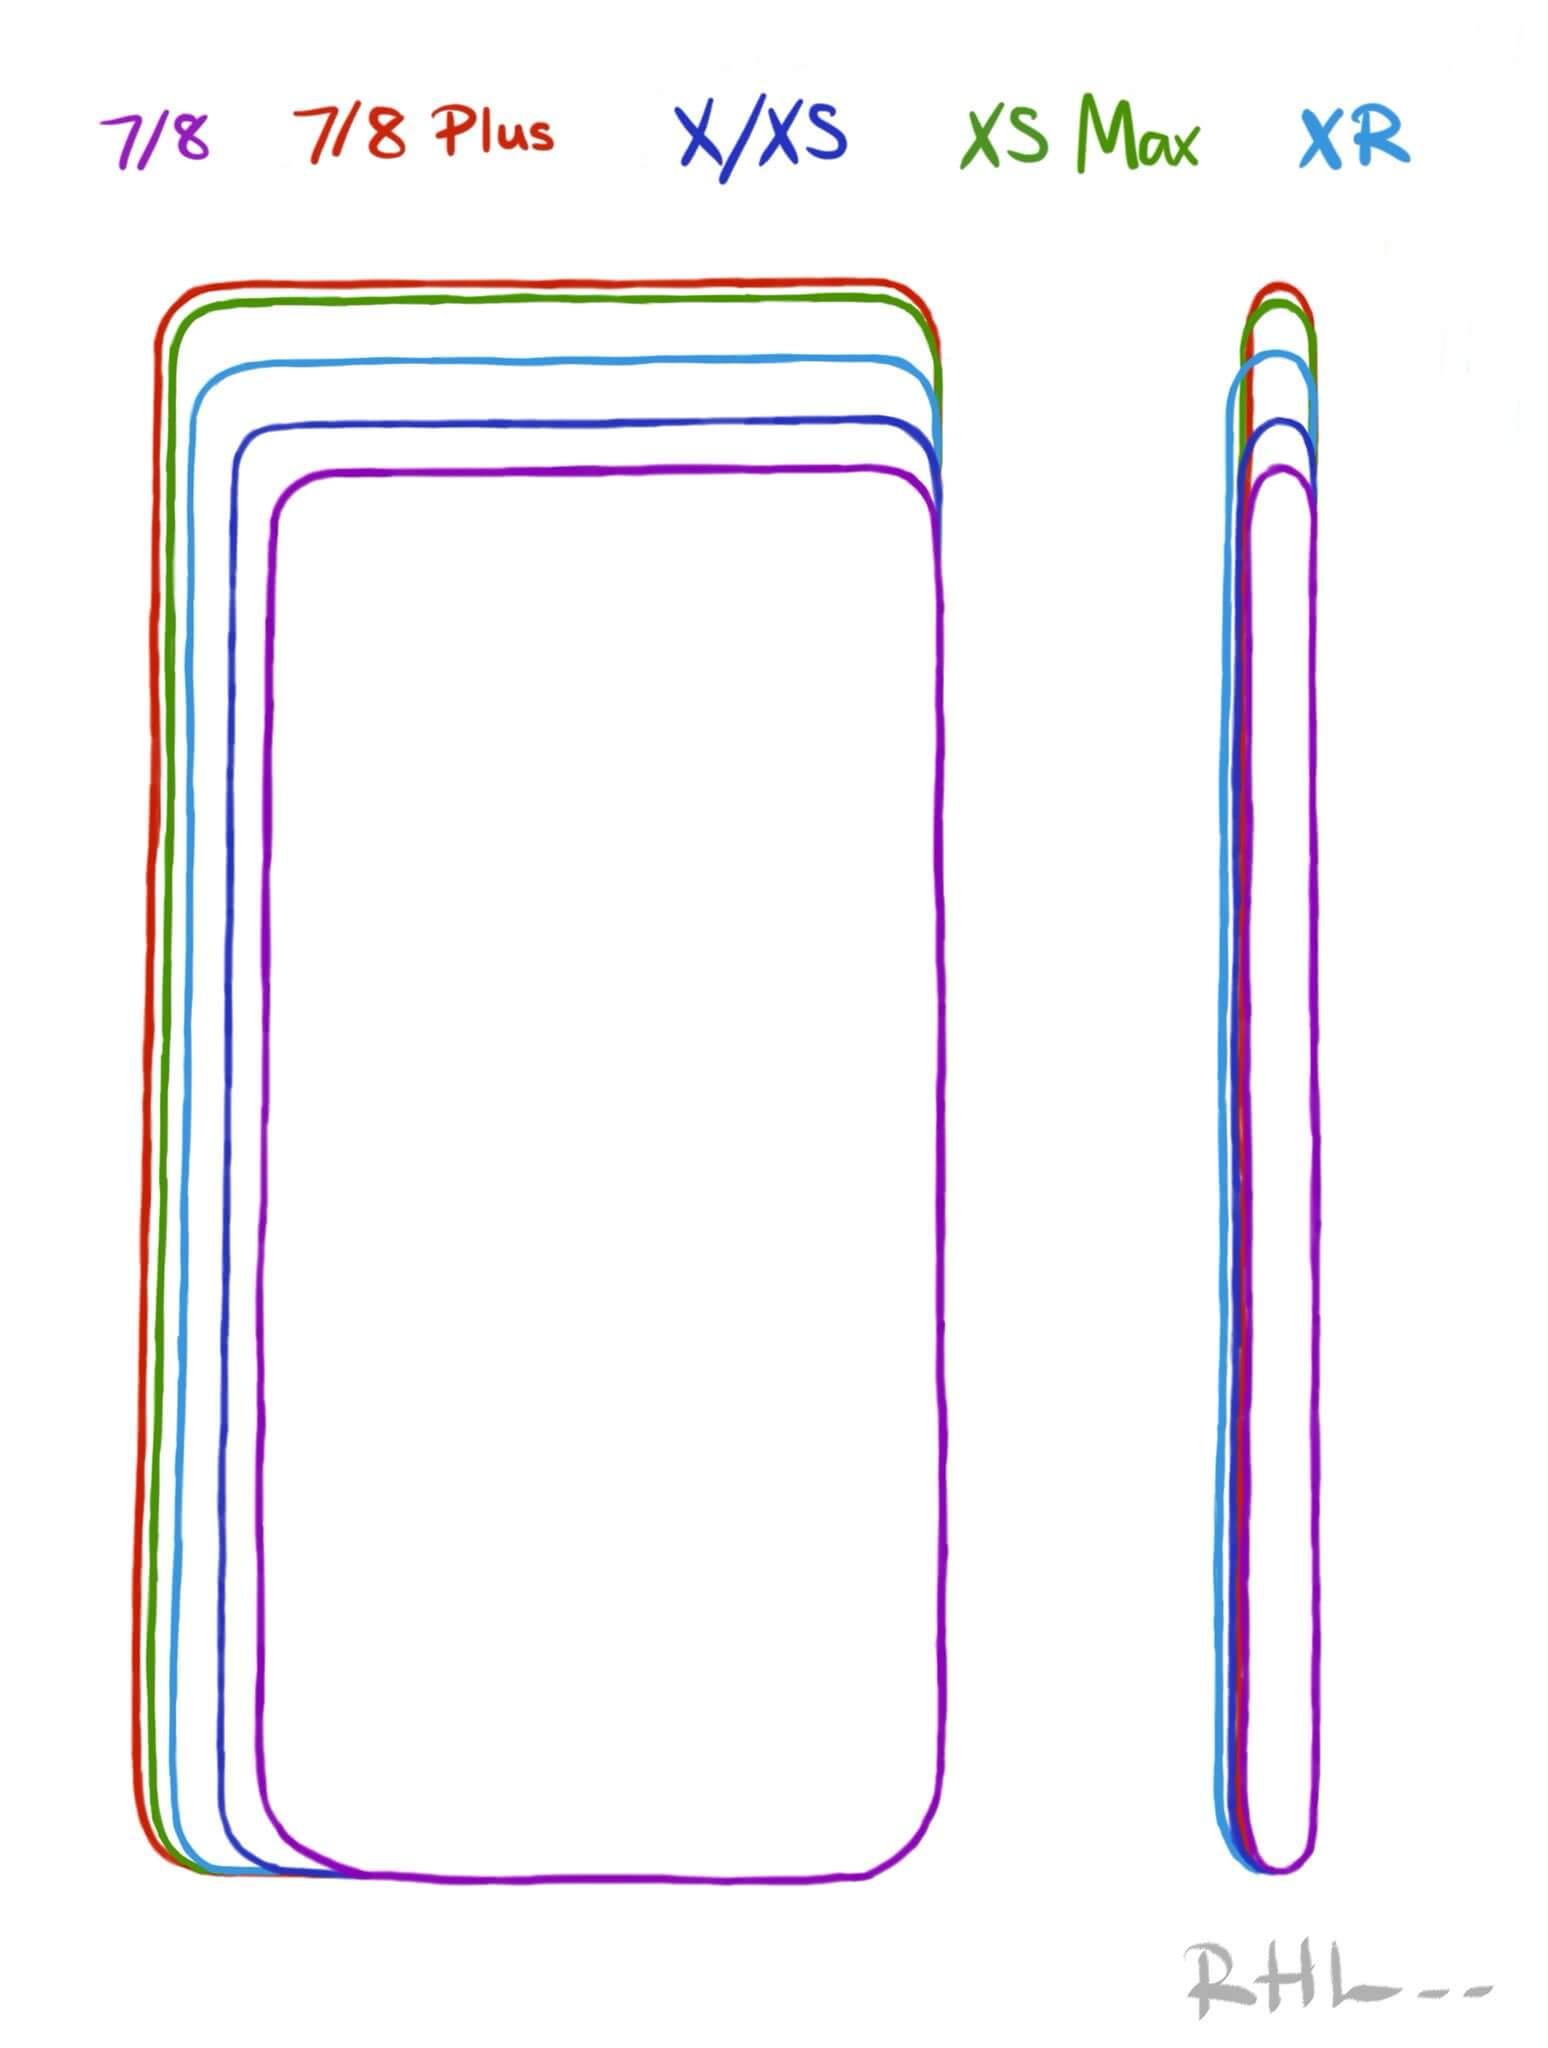 近年 iPhone 的大小和厚度对比(来源:Twitter 用户 @rhl__)